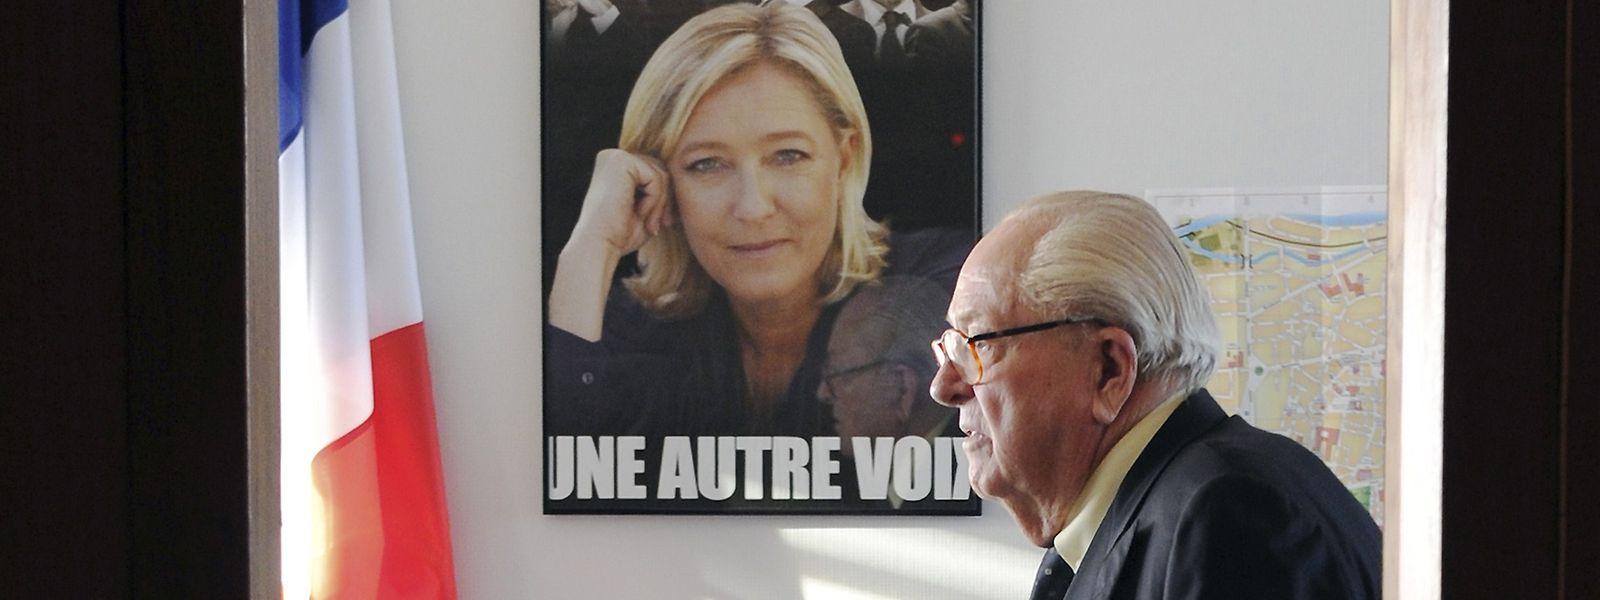 Jean-Marie Le Pen wurde 2015 aus dem Front National ausgeschlossen.